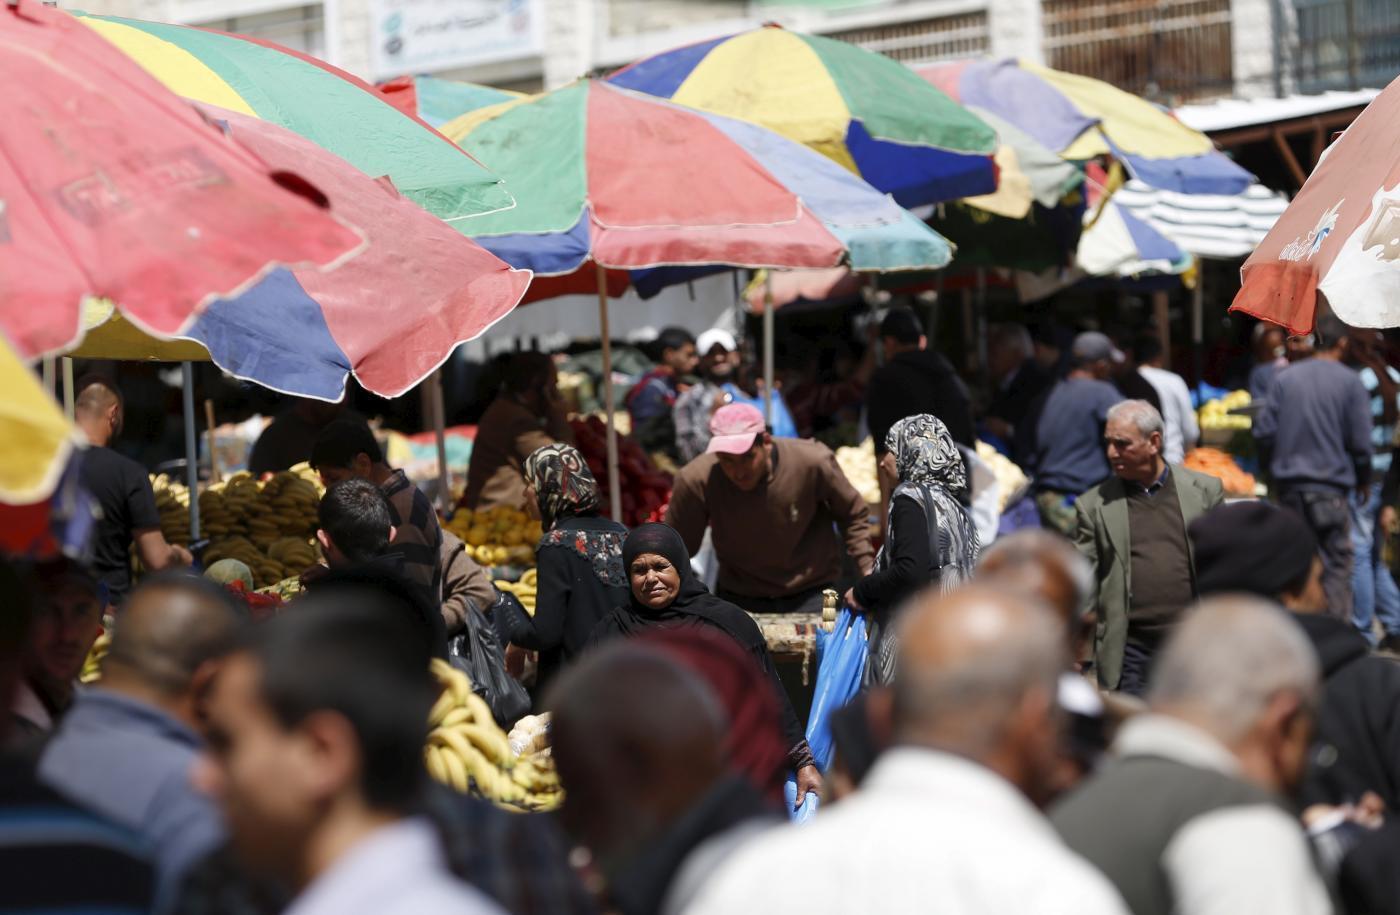 2015-03-25t120000z_824590982_gf10000037614_rtrmadp_3_palestinians-economy-westbank